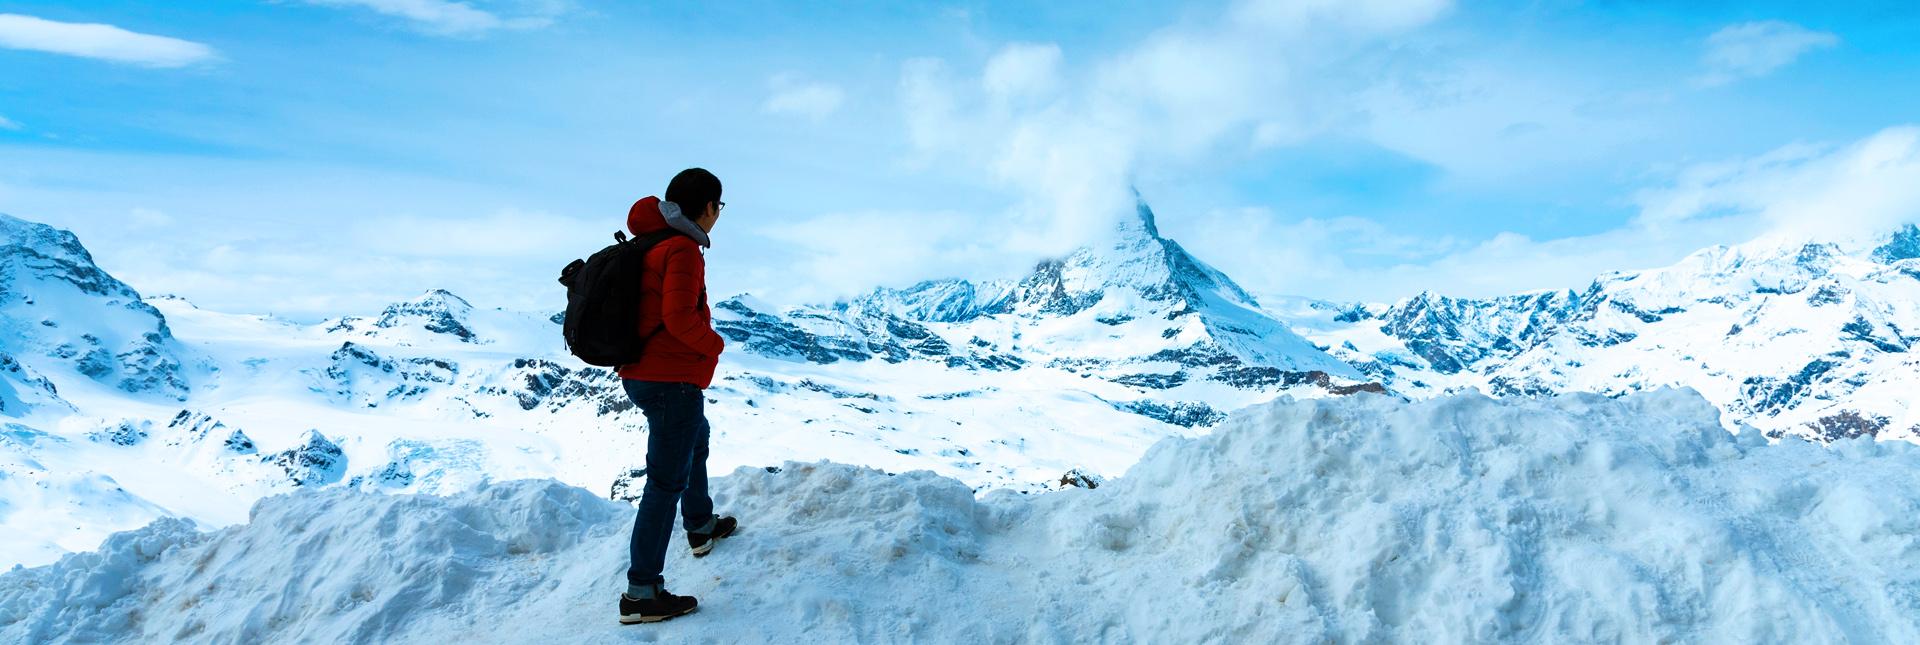 Magical View of Matterhorn